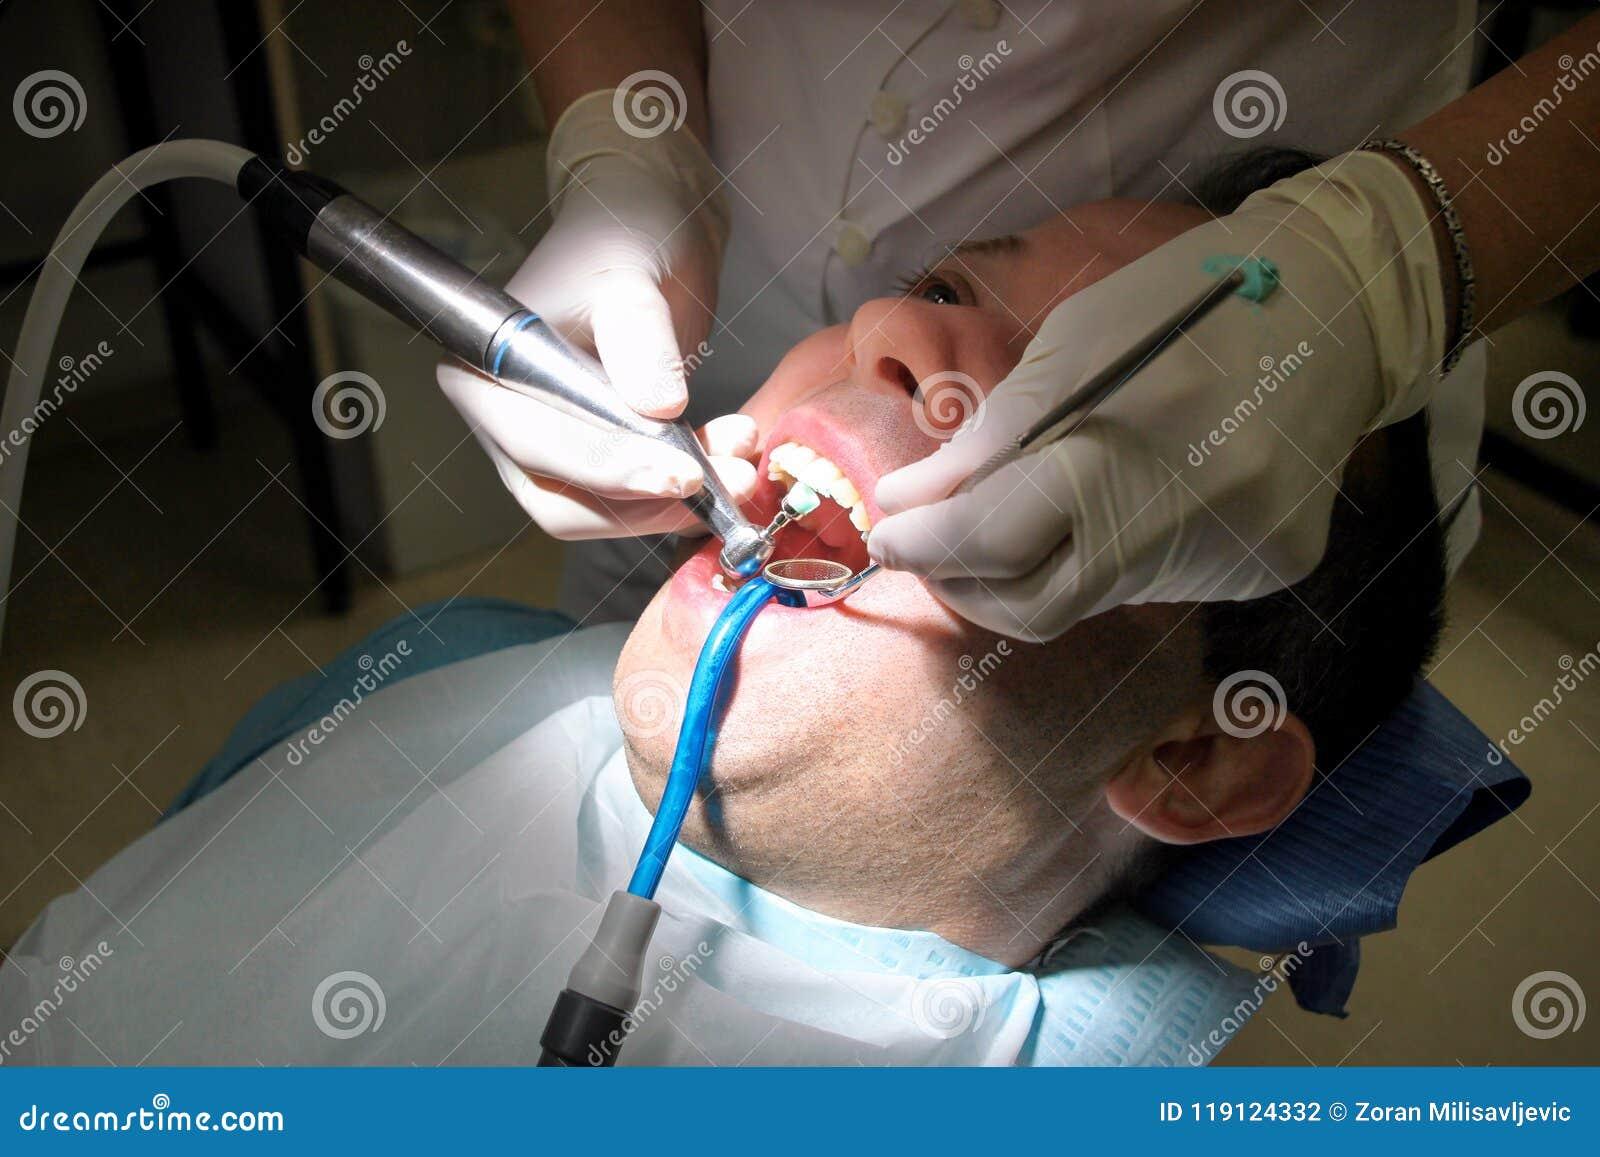 Polissage dentaire de dent Dents nettoyant, hygiène dentaire Le dentiste est polissage des dents patientes avec la brosse dentair